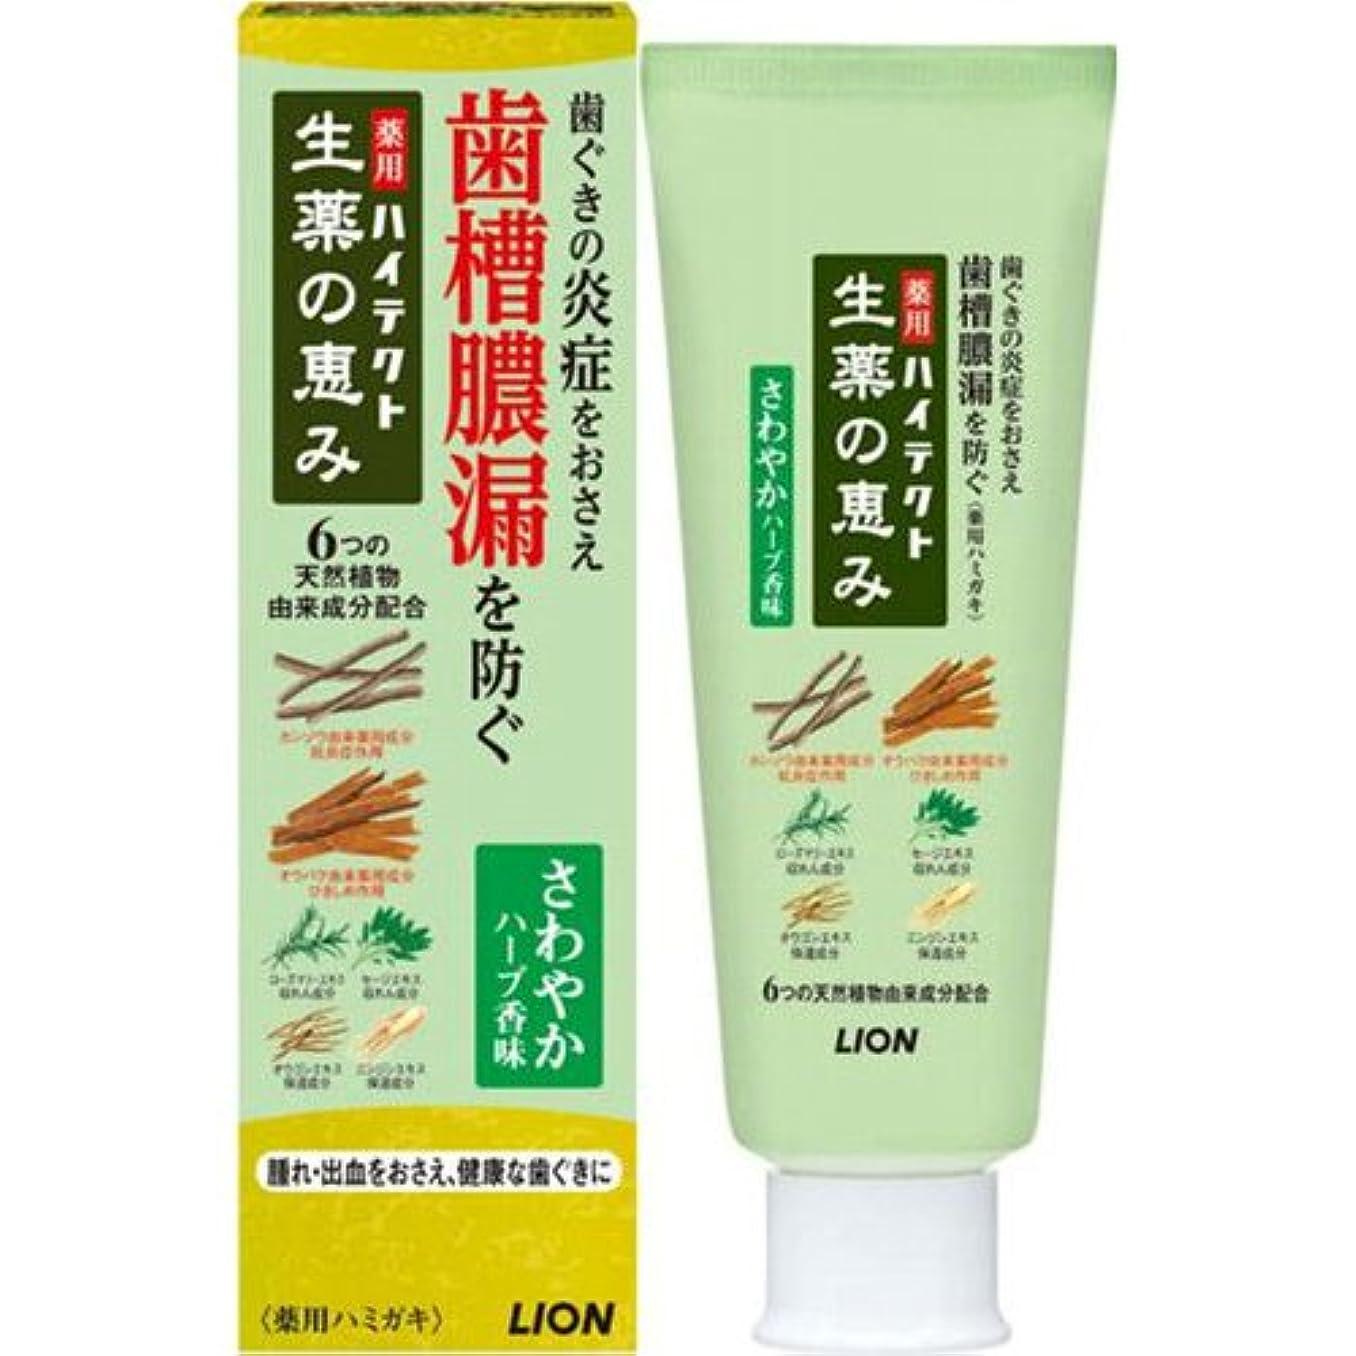 政令森林相対サイズ【ライオン】ハイテクト 生薬の恵み さわやかハーブ香味 90g ×3個セット